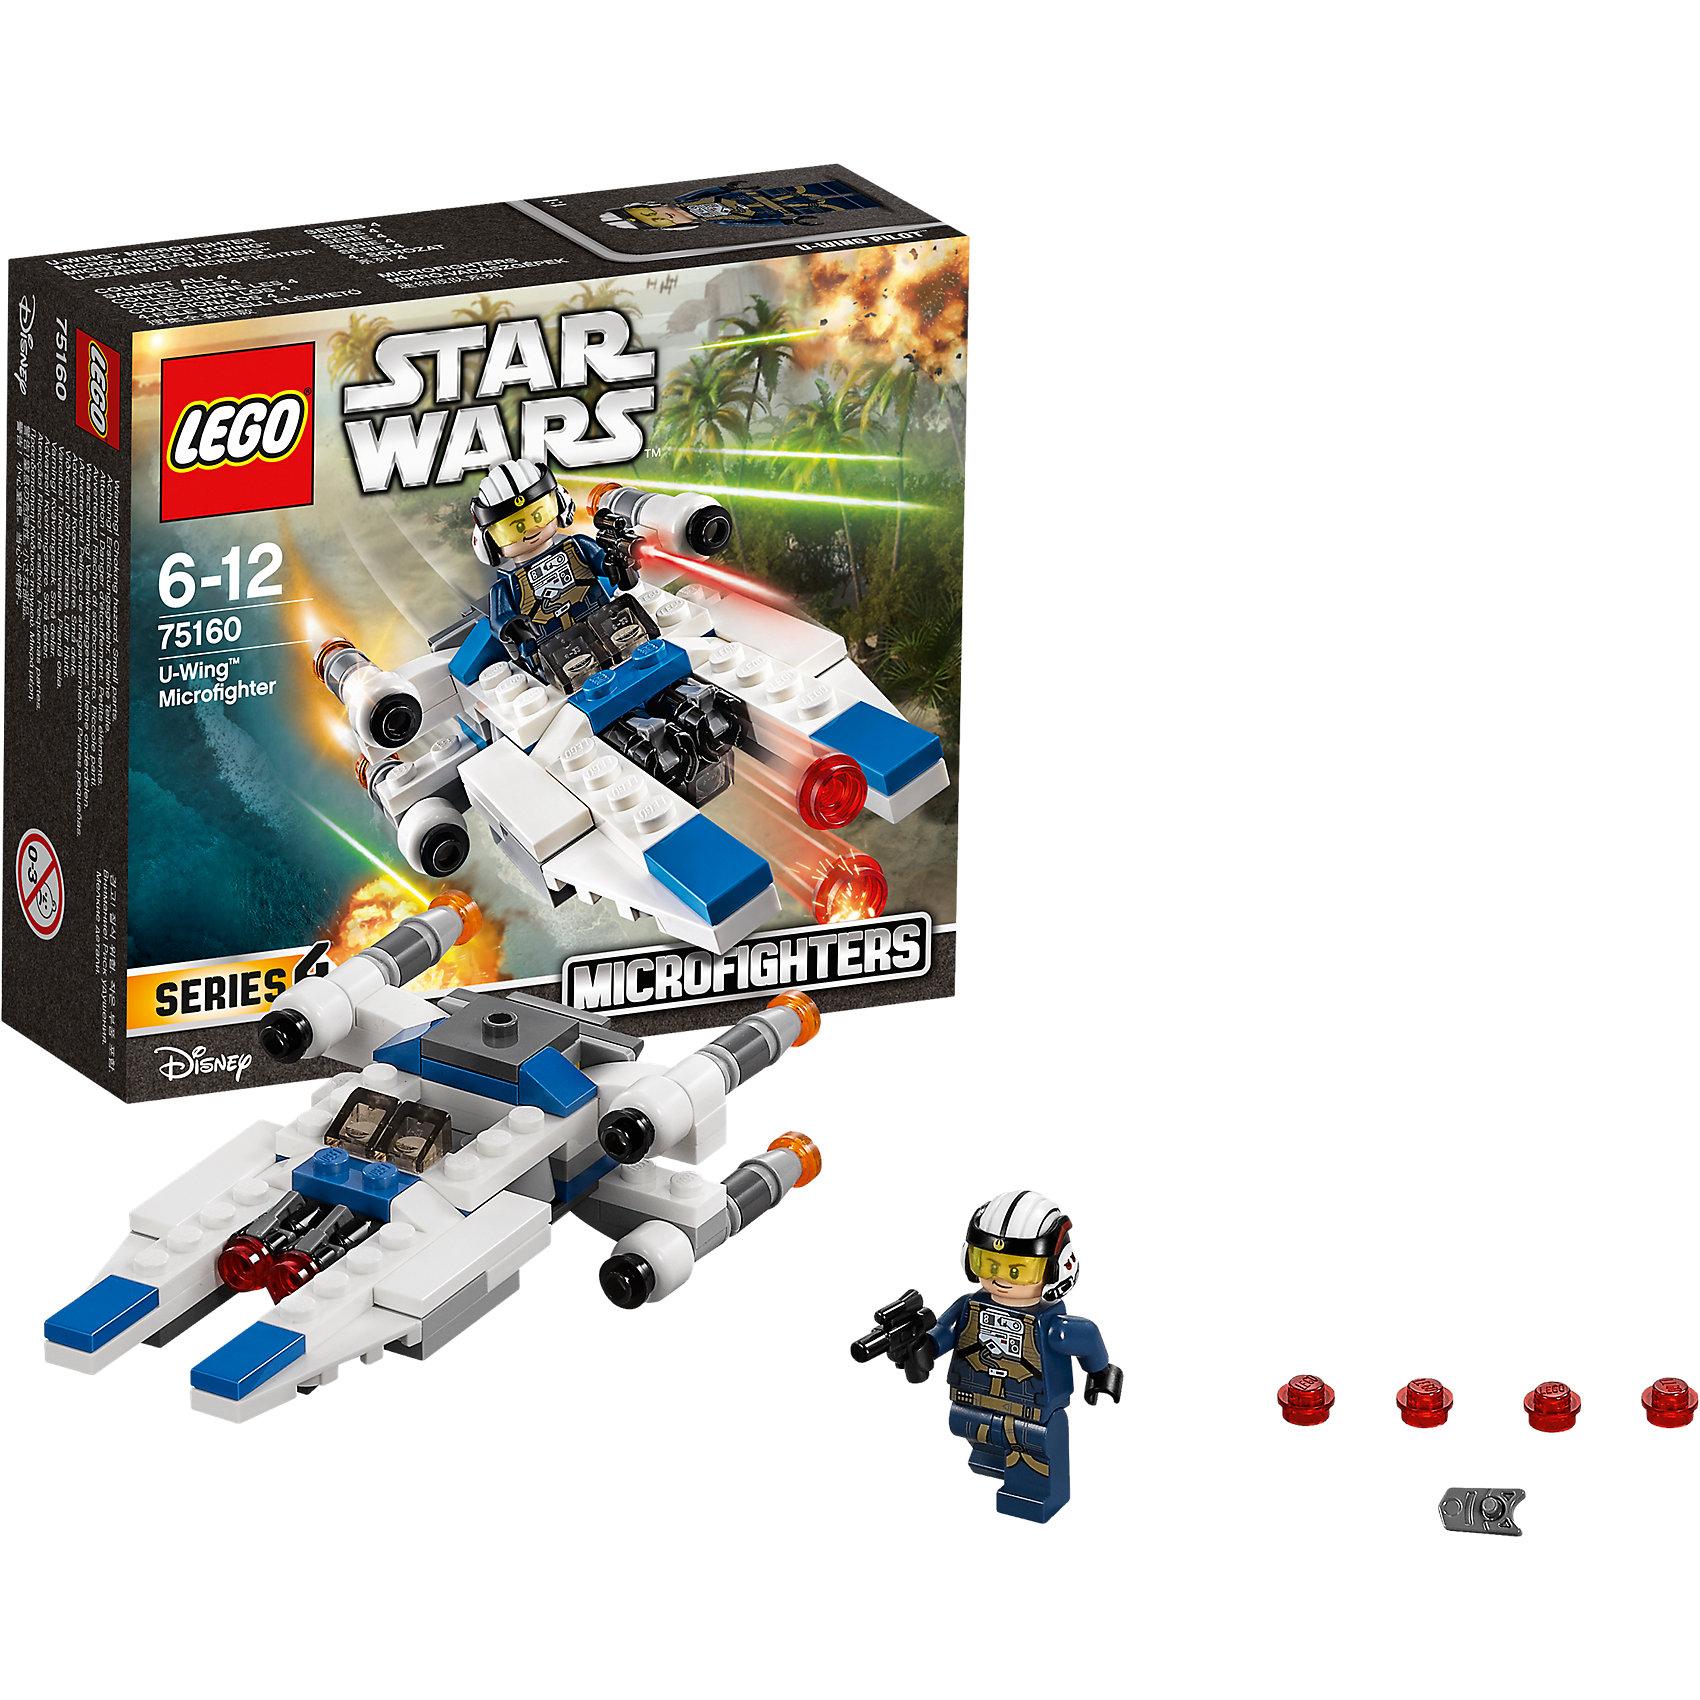 """LEGO Star Wars 75160: Микроистребитель типа UПластмассовые конструкторы<br>LEGO Star Wars 75160: Микроистребитель типа U<br><br>Характеристики:<br><br>- в набор входит: детали истребителя, 1 фигурка, аксессуары, инструкция<br>- состав: пластик<br>- количество деталей: 109<br>- примерное время сборки: 25 минут<br>- размер истребителя: 12 * 3 * 6 см.<br>- для детей в возрасте: от 6 до 12 лет<br>- Страна производитель: Дания/Китай/Чехия/<br><br>Легендарный конструктор LEGO (ЛЕГО) представляет серию """"Звездные Войны"""" с героями одноименных фильмов. В набор входит Микроистребитель и фигурка пилота-повстанца. Отличная детализация комбинезона пилота добавляет фигурке реалистичности, а аксессуары в виде шлема с защитным стеклом и встроенными наушниками, а также бластера помогут выполнить даже самую сложную миссию. Пилот имеет два выражения лица. Судьба микроистребителя связана с событиями фильма """"Изгой-один. Звёздные войны: Истории"""". Дальнобойный истребитель с четырьмя мощными двигателями оснащен двумя передними пушками, сбивающих врагов. Пружинный механизм стреляет красными снарядами, в комплект входят дополнительные снаряды. Крылья истребителя двигаются для увеличения маневренности. Присоединись к команде повстанцев и совершенствуй свою силу. <br><br>Конструктор LEGO Star Wars 75160: Микроистребитель типа U можно купить в нашем интернет-магазине.<br><br>Ширина мм: 144<br>Глубина мм: 121<br>Высота мм: 48<br>Вес г: 99<br>Возраст от месяцев: 72<br>Возраст до месяцев: 144<br>Пол: Мужской<br>Возраст: Детский<br>SKU: 5002388"""